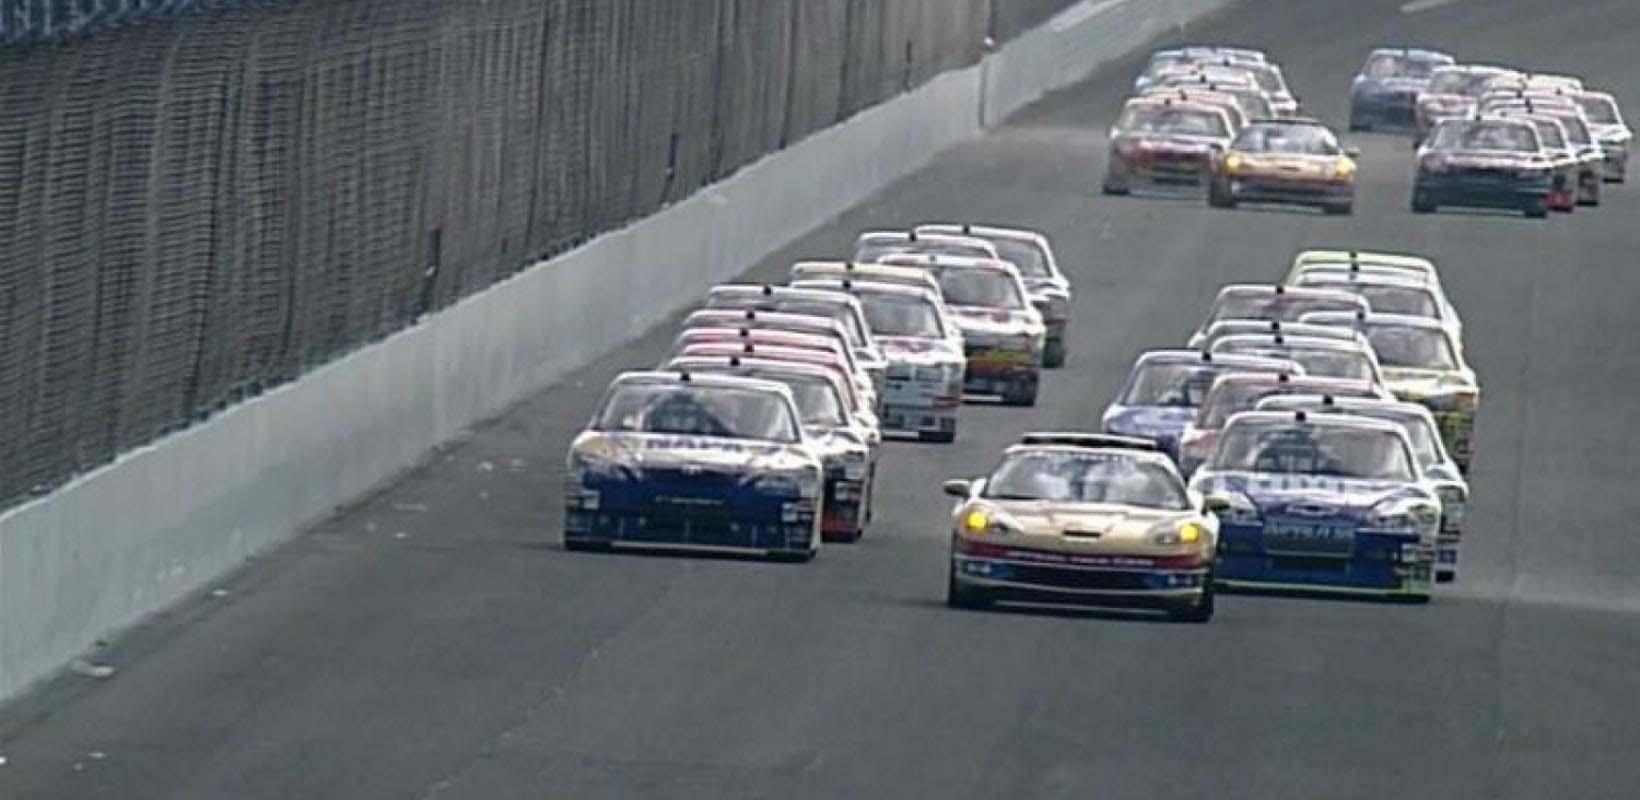 NASCAR Daytona 500: roundtrip transportation only